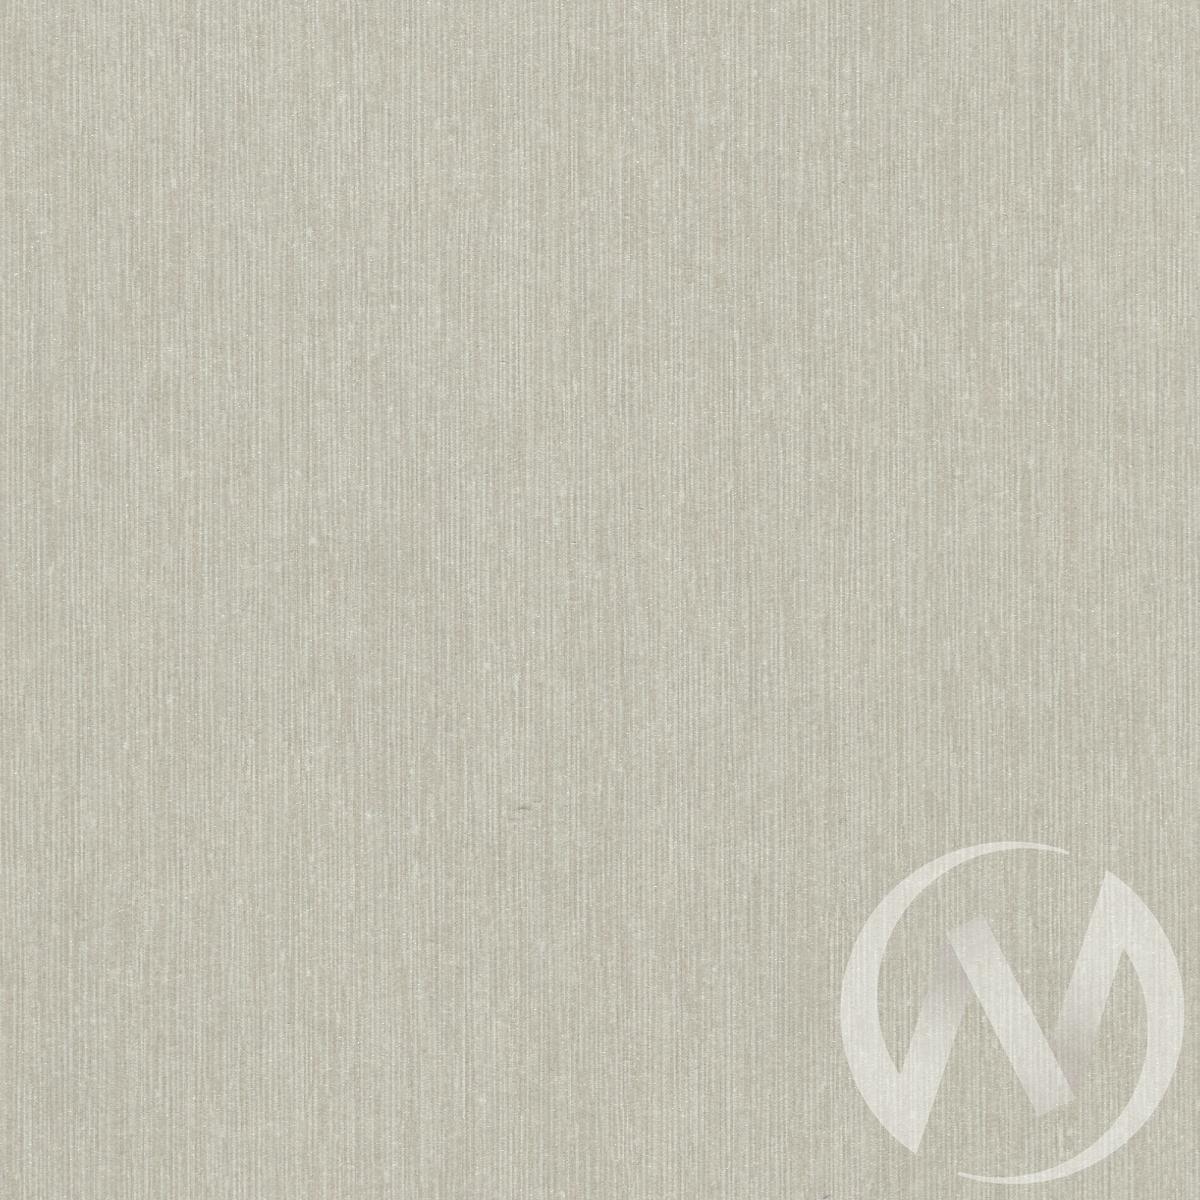 СТ-НУ 890 Столешница 892*892*26 (№143а бежевый металл)  в Томске — интернет магазин МИРА-мебель